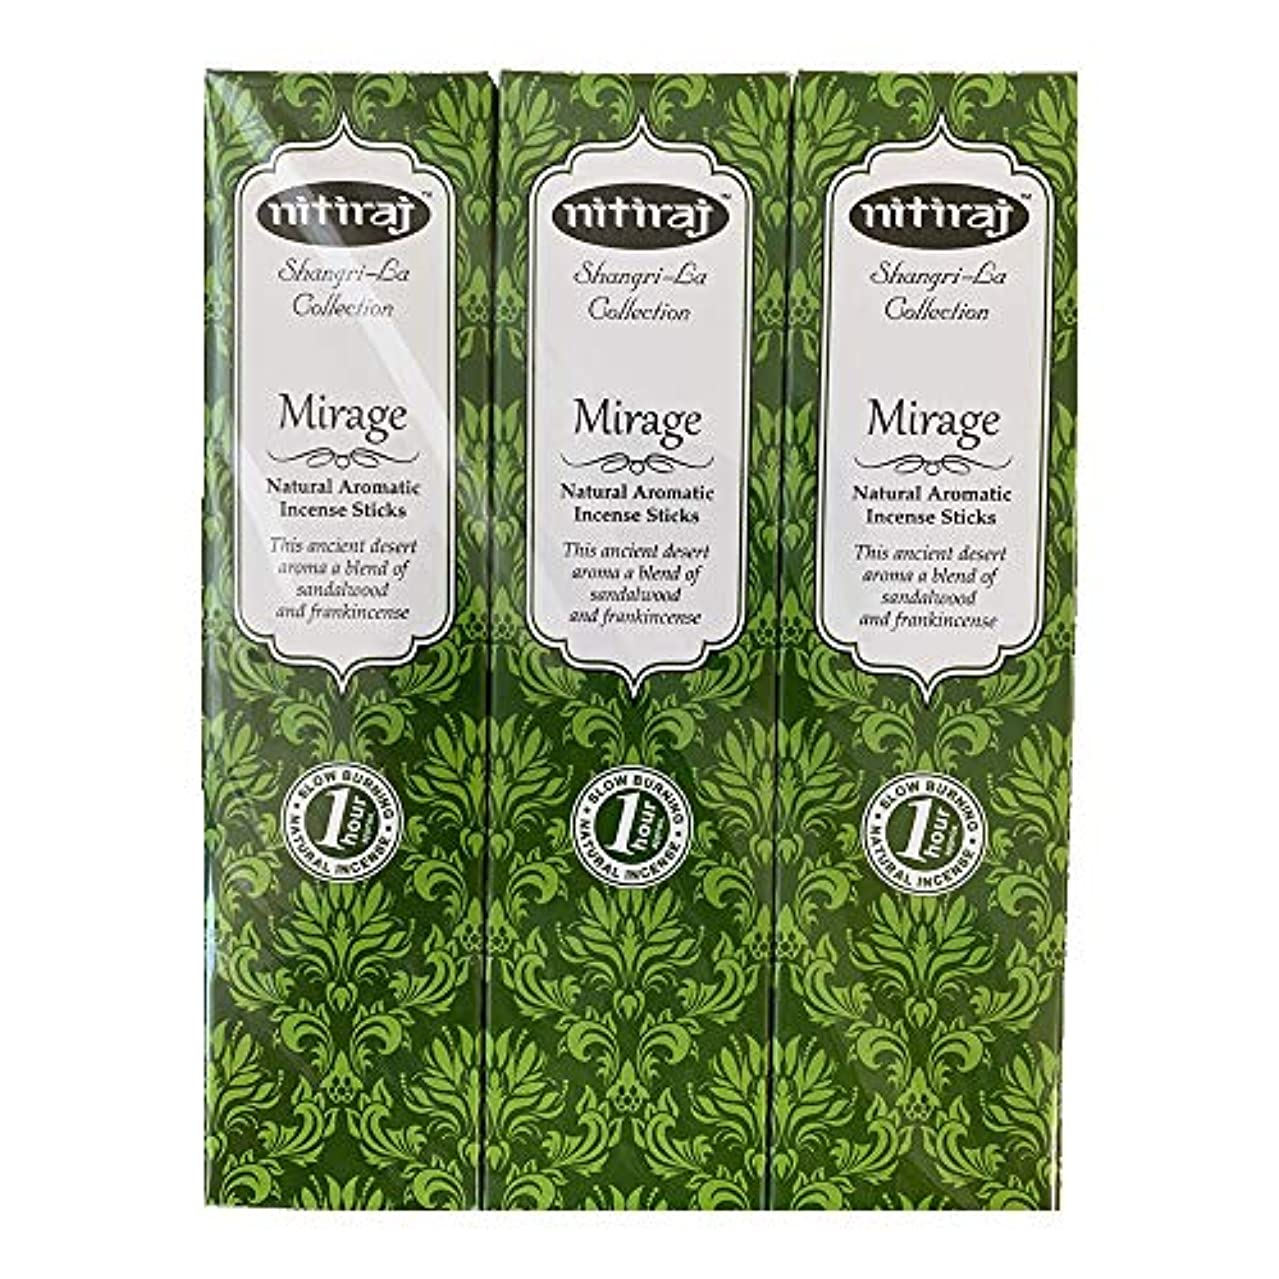 拍車トラップぬれたお香 アロマインセンス Nitiraj(ニティラジ)Mirage(蜃気楼) 3箱セット(30本/1箱10本入り)100%天然素材